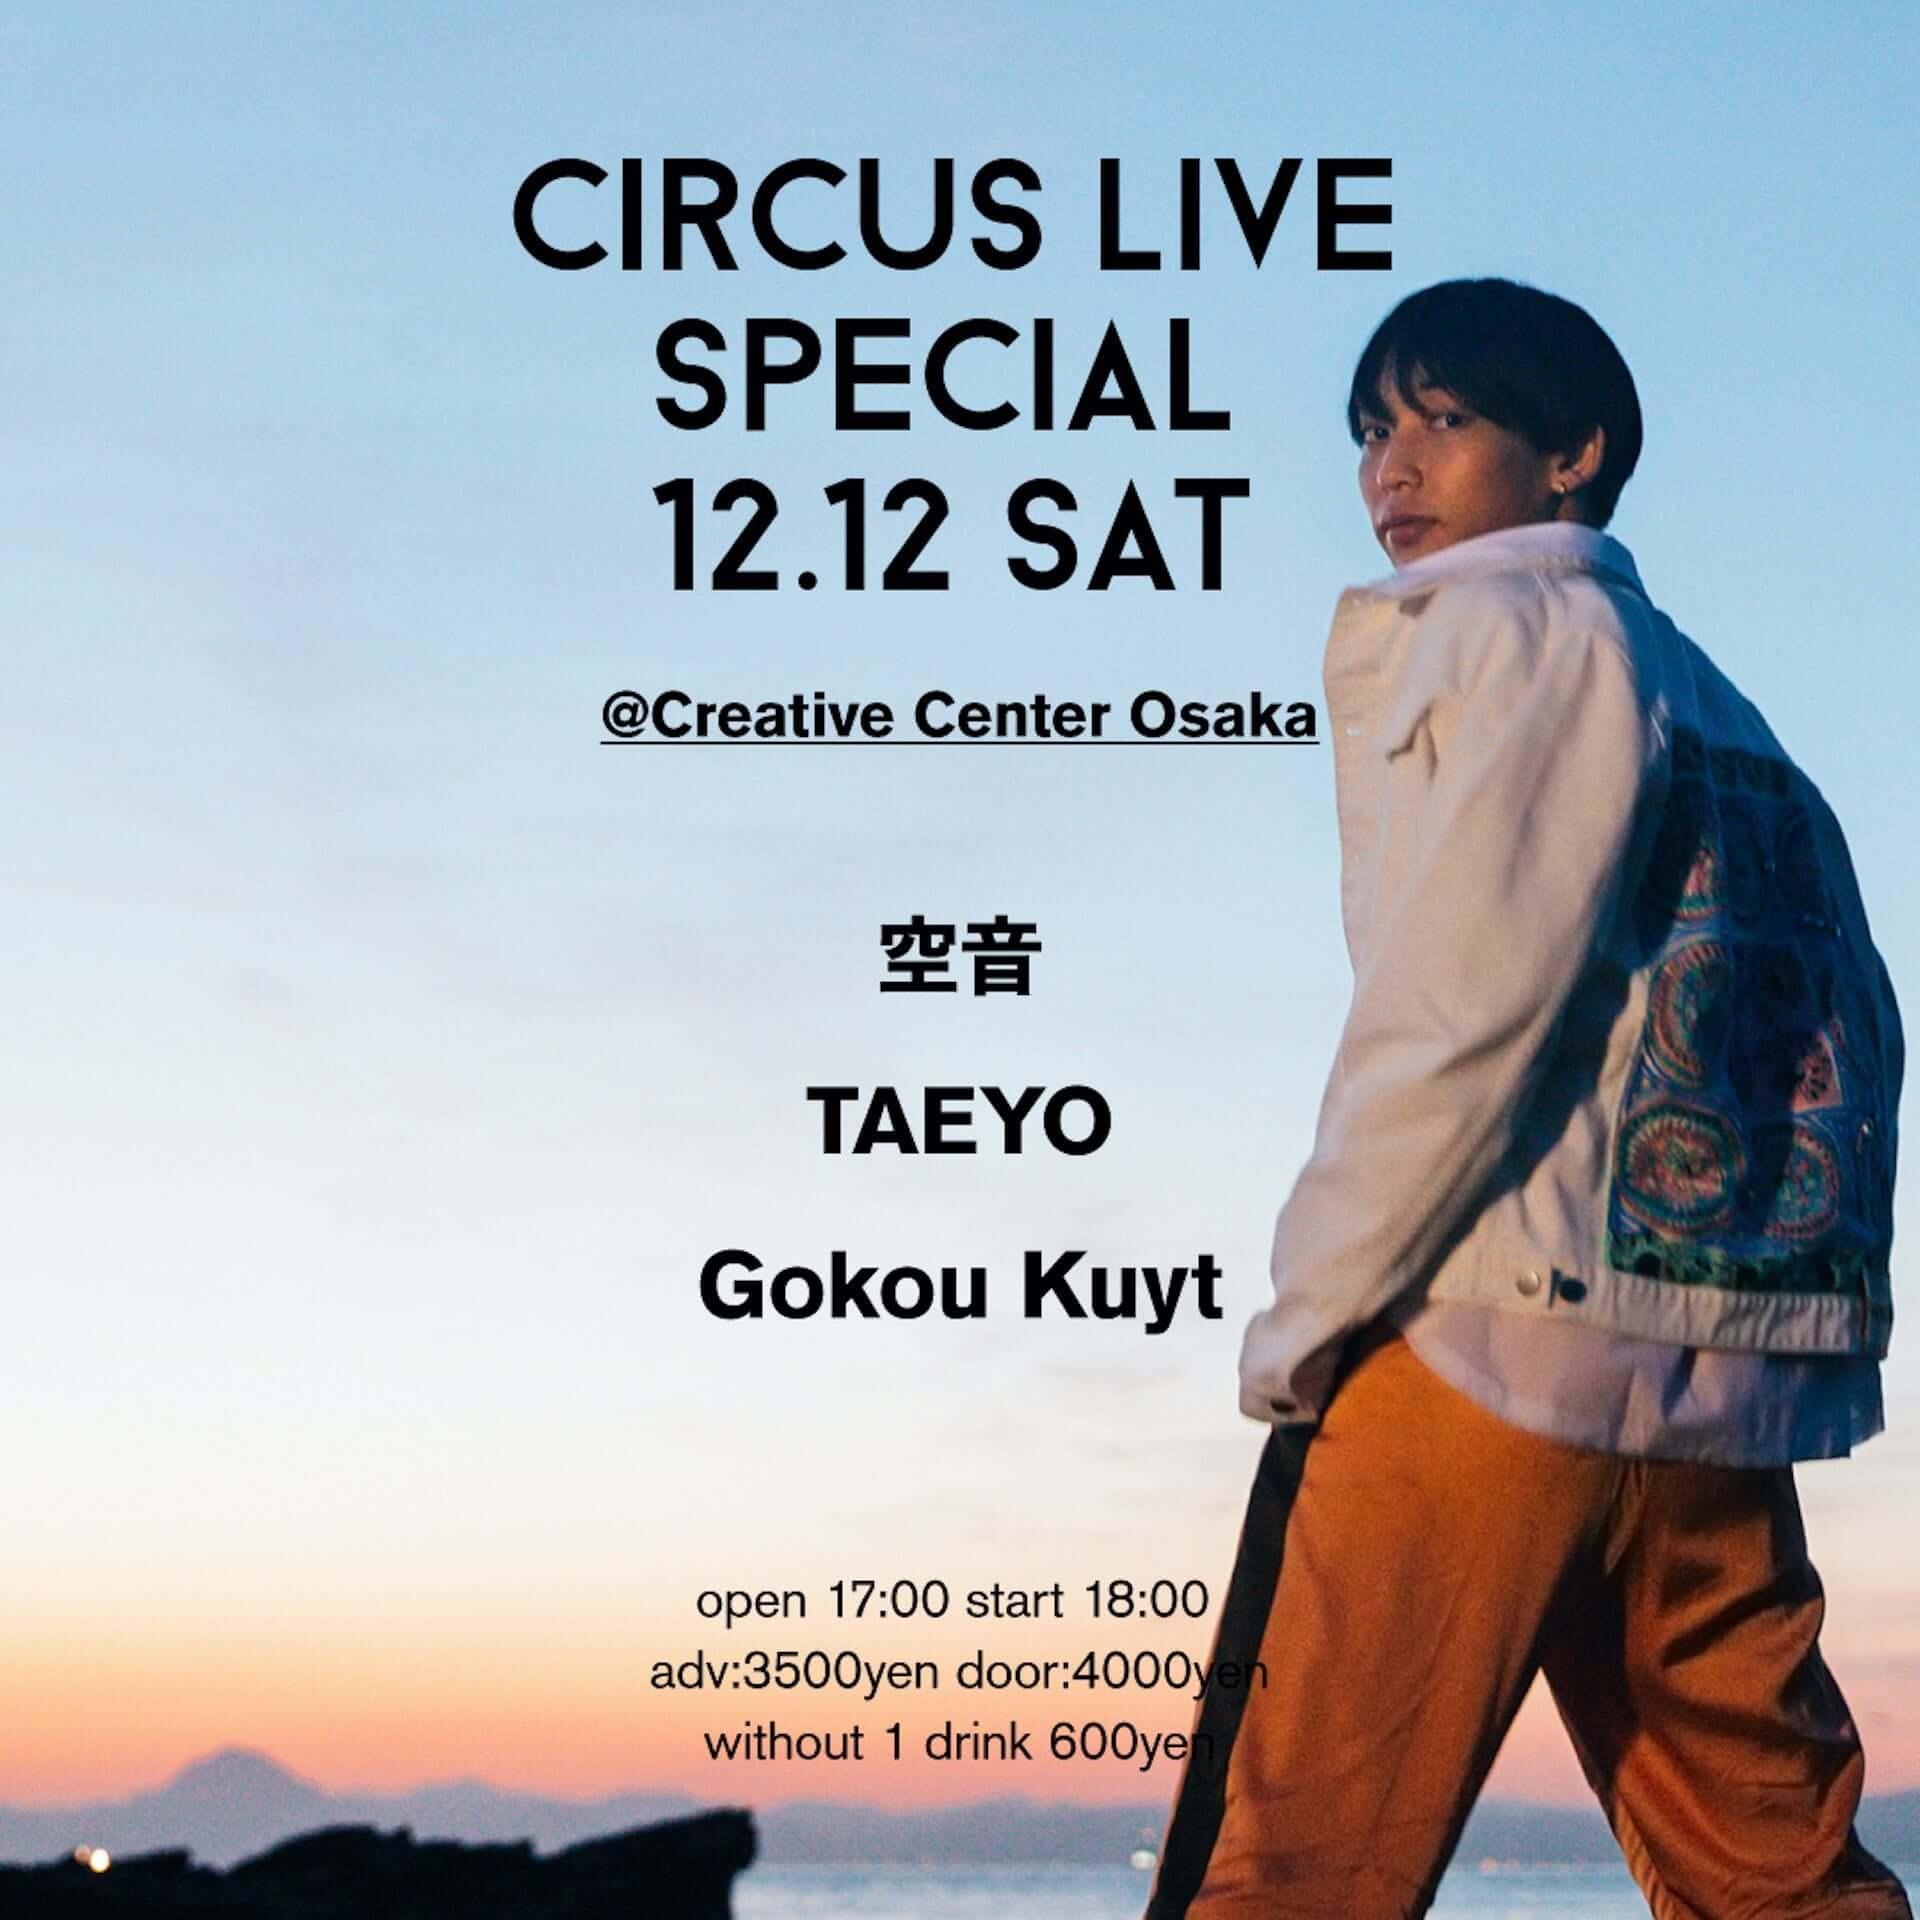 空音、TAEYO、Gokou Kuytによるスリーマンライブがクリエイティブセンター大阪で開催決定!先行先着チケットも発売 music201109_circus-live_2-1920x1920